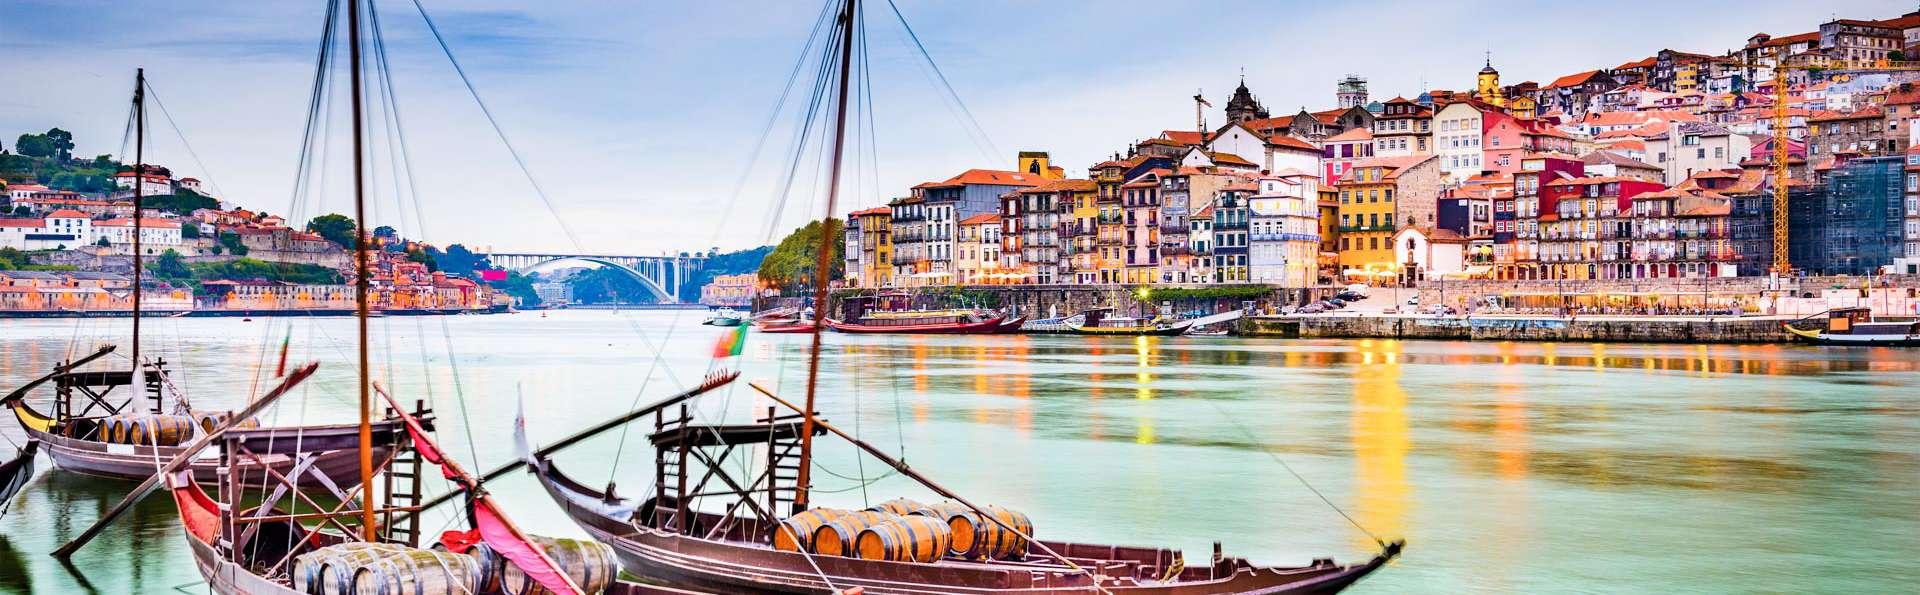 Escapada en la preciosa ciudad de Oporto con un crucero por las aguas del Duero